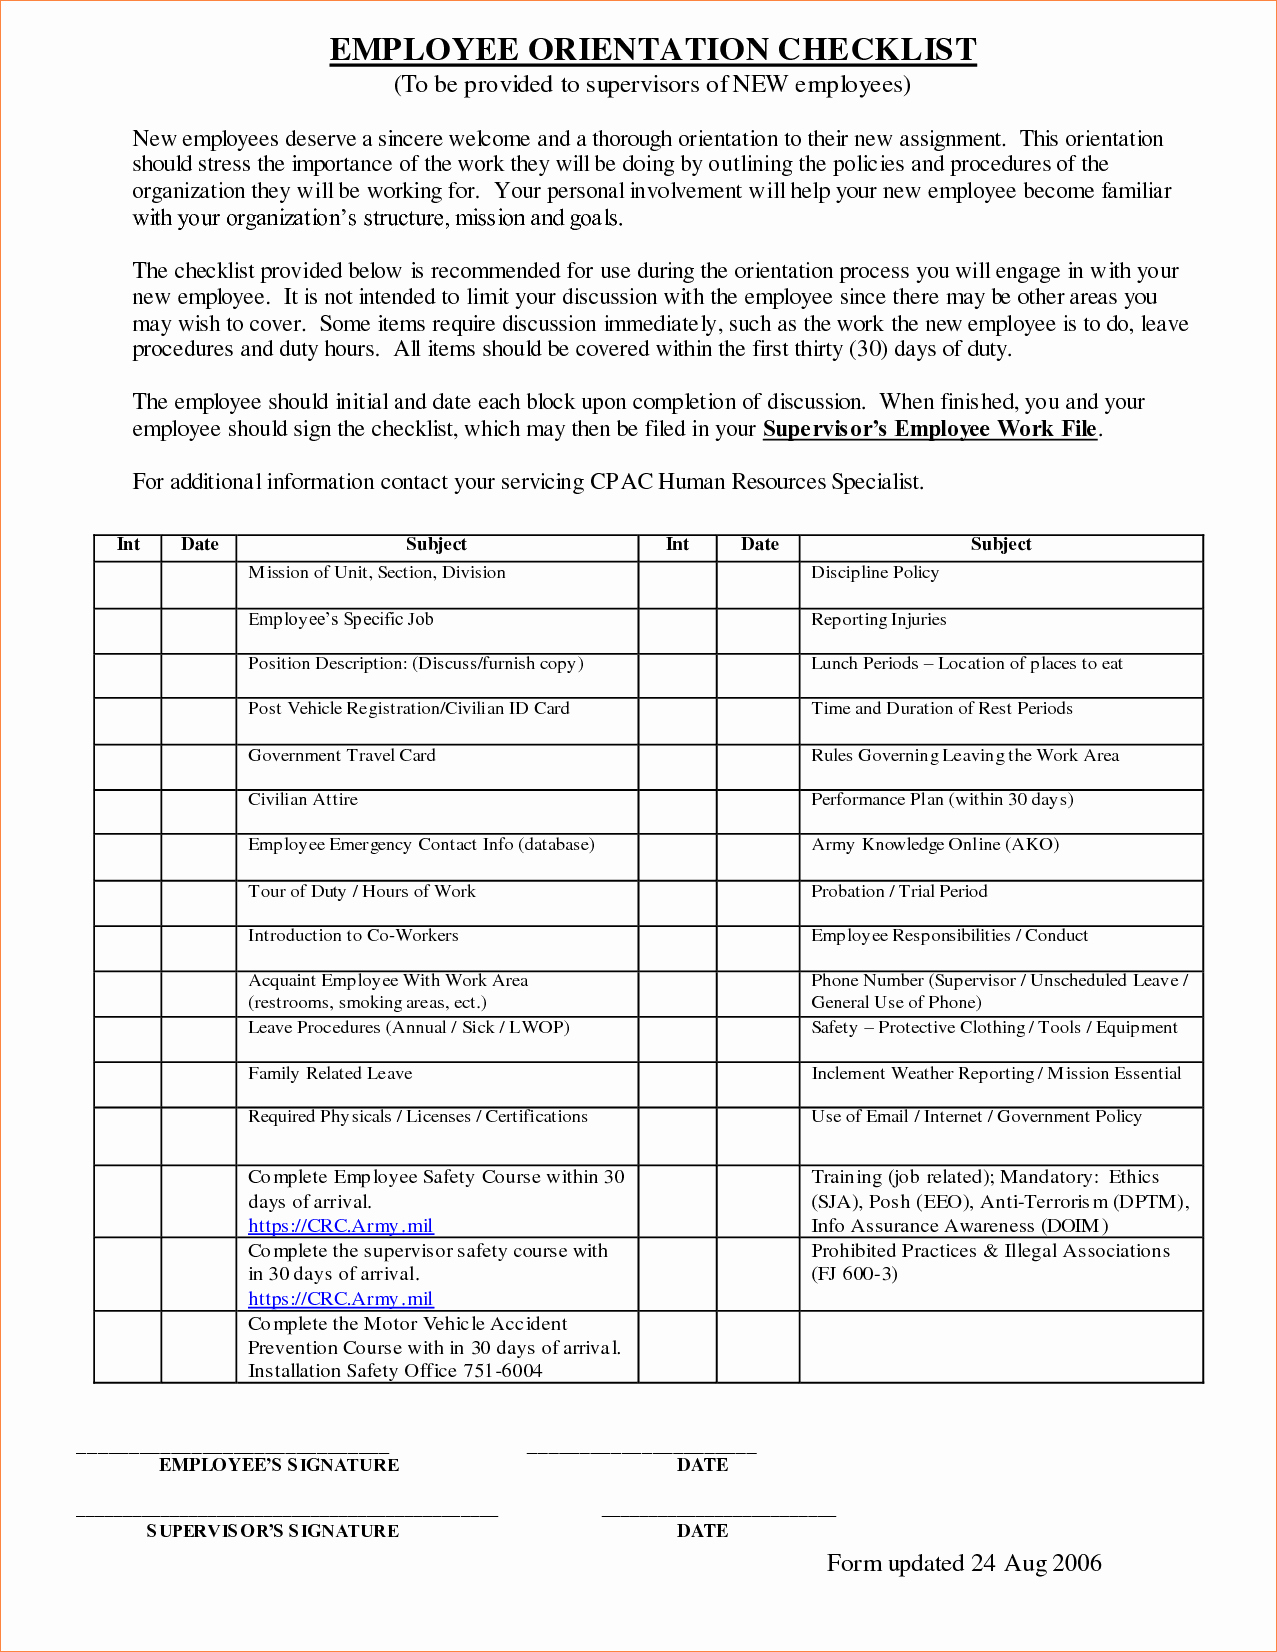 3 Employee orientation Checklist